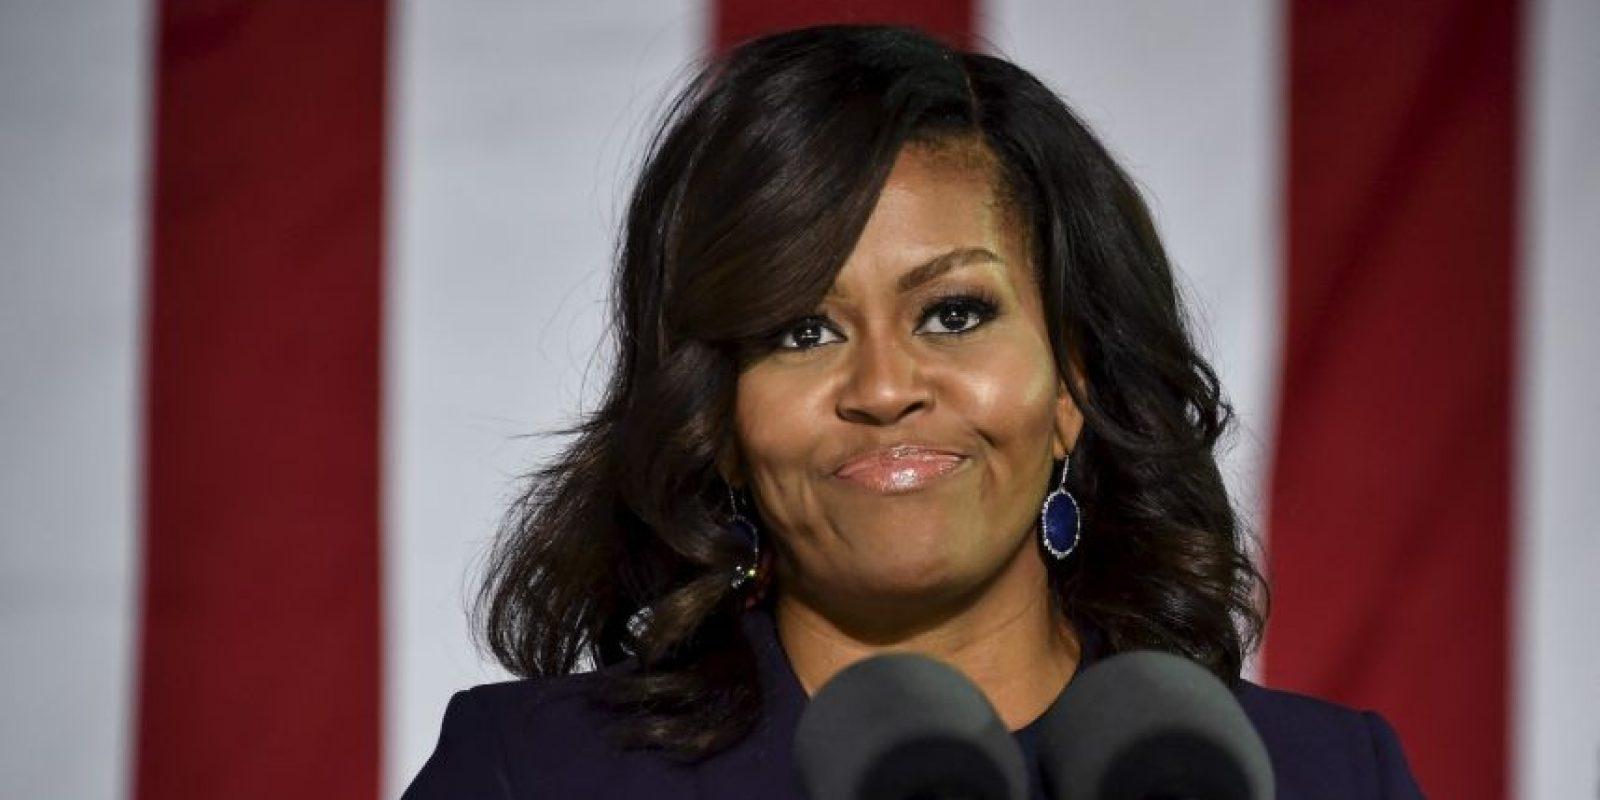 Las redes sociales piden que Michelle Obama sea presidenta de Estados Unidos Foto:AFP